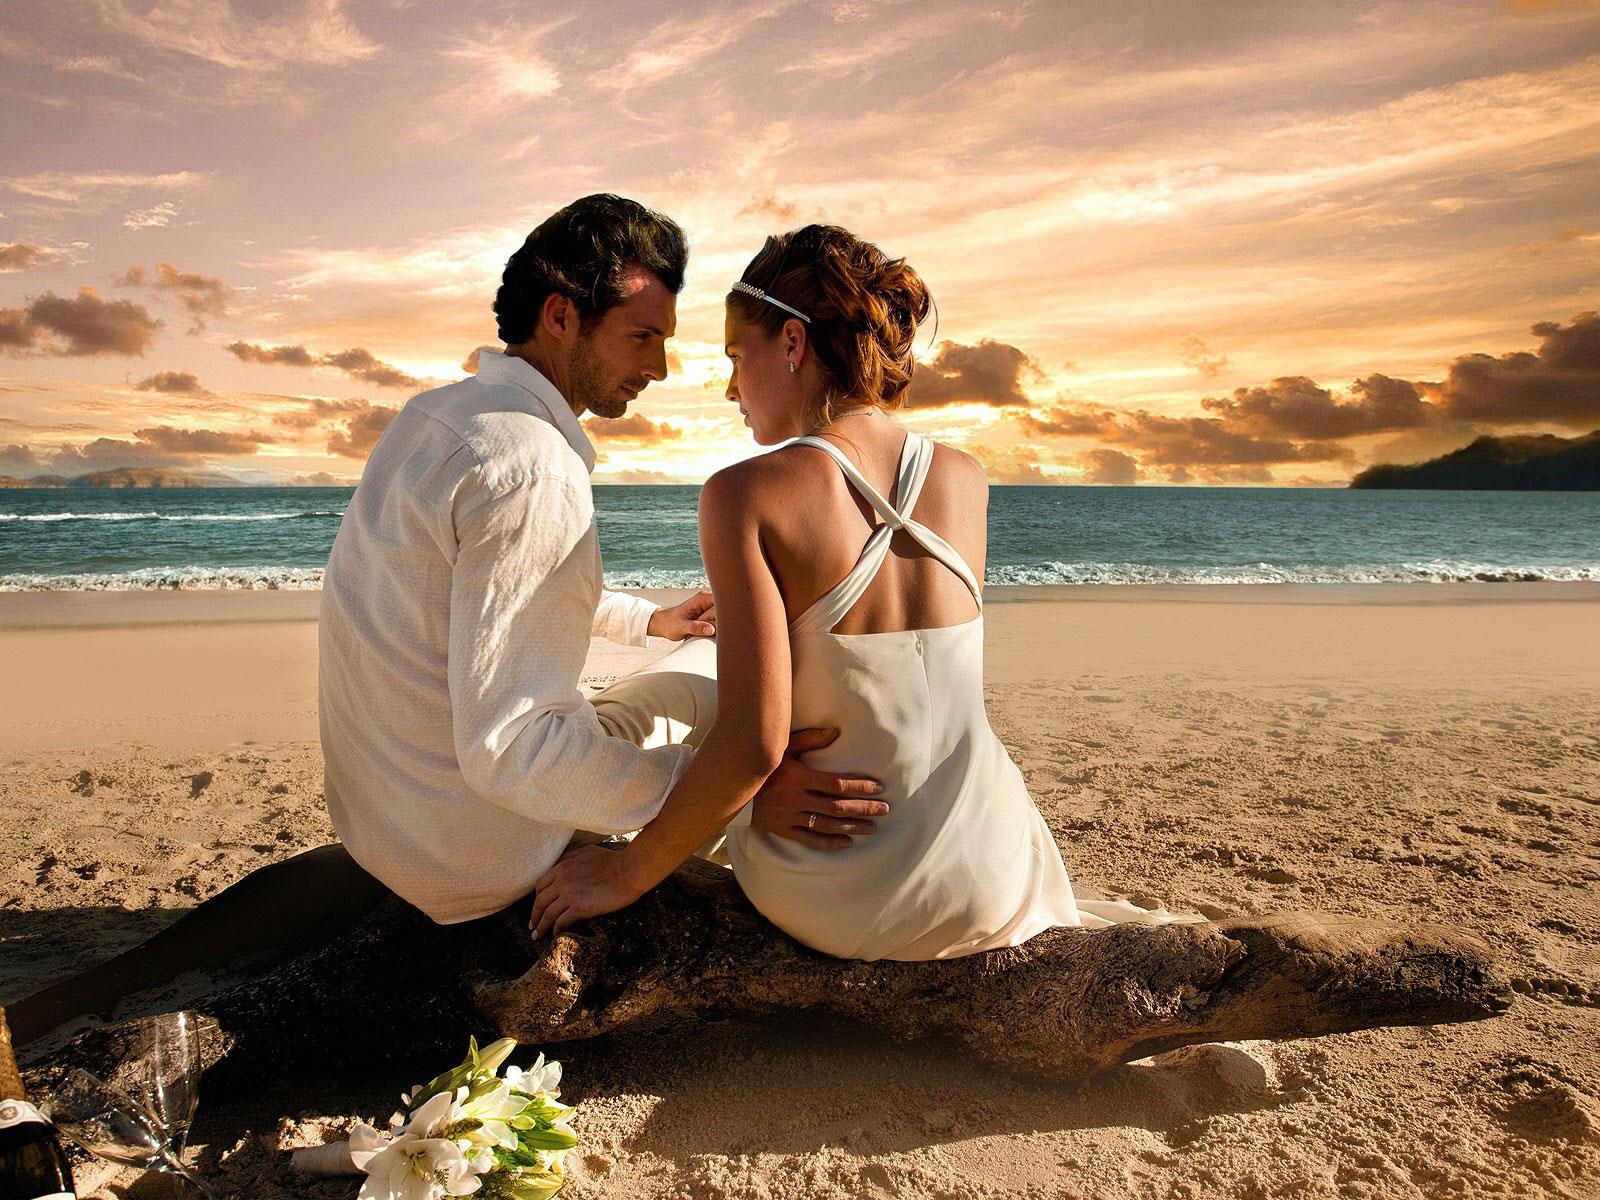 صورة صور حب للحبيب , اجمل صور حب للحبيب